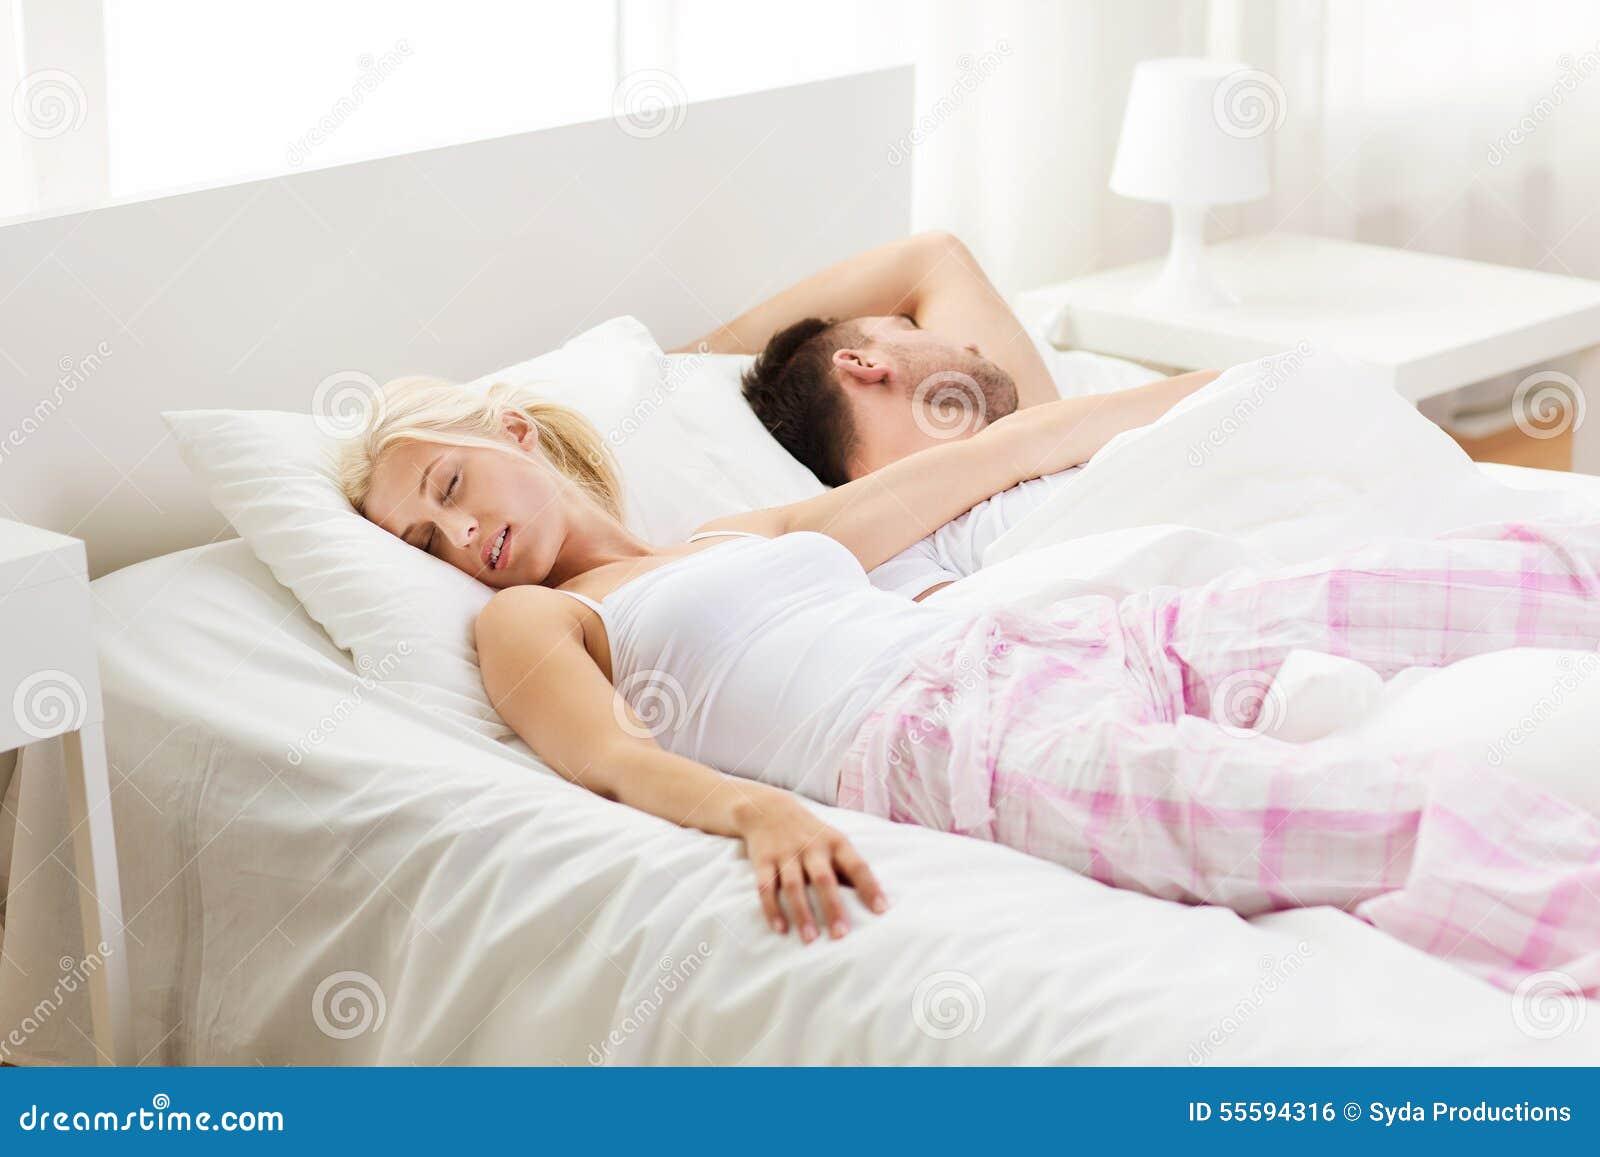 Что если девушки спят вместе, Изучите и запомните: как вычислить девушку. - Limon 24 фотография